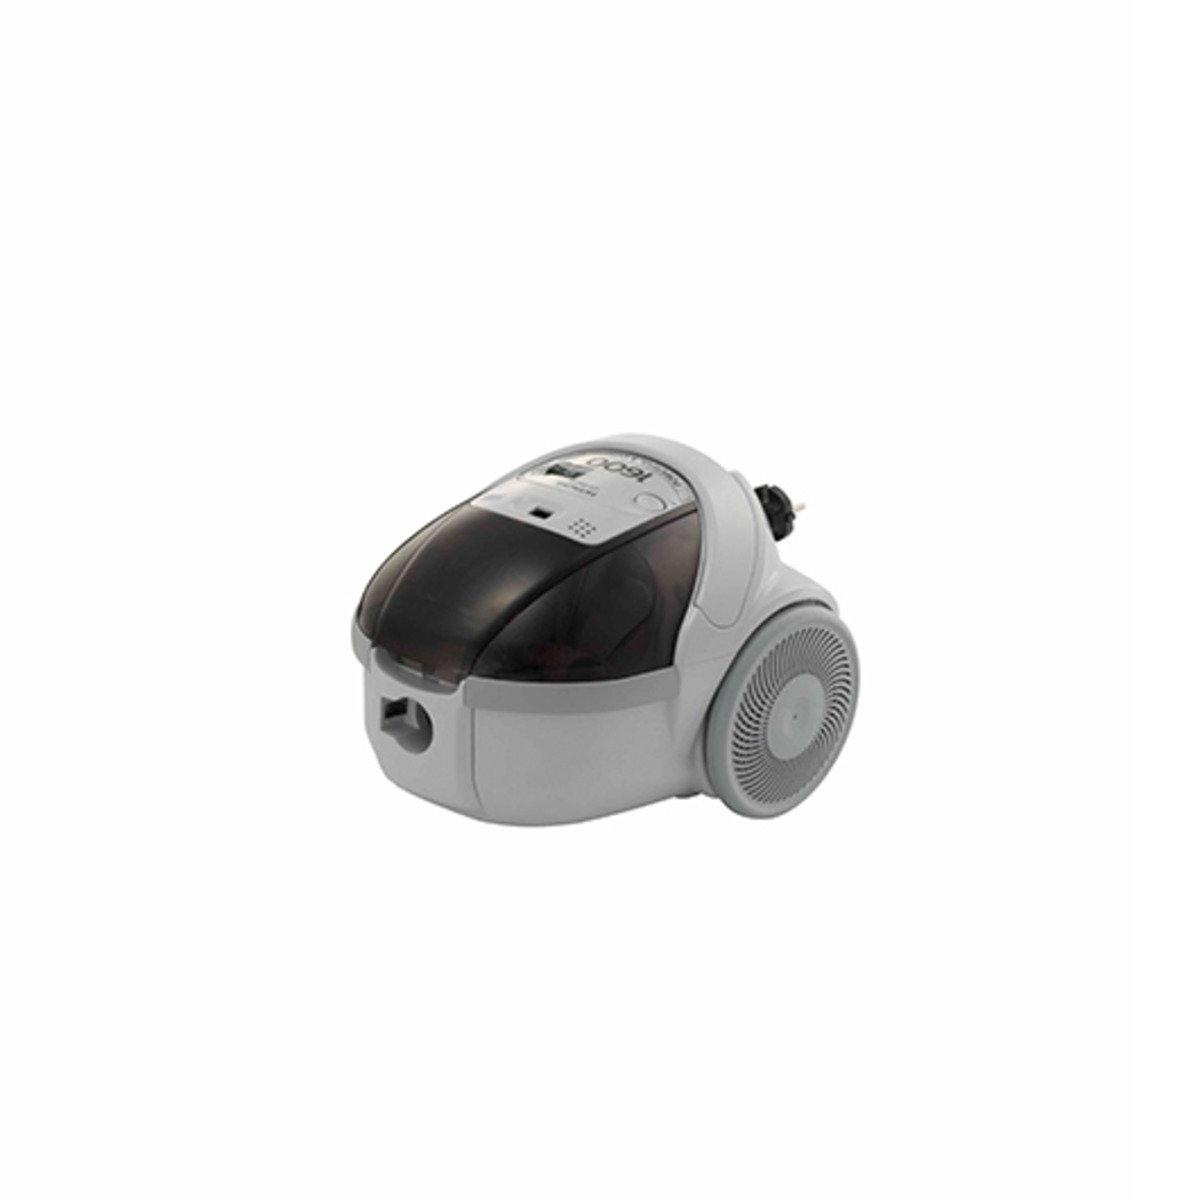 CV-BM16 1,600W強力馬達 可配置集塵紙袋或布袋 吸塵機(灰色)